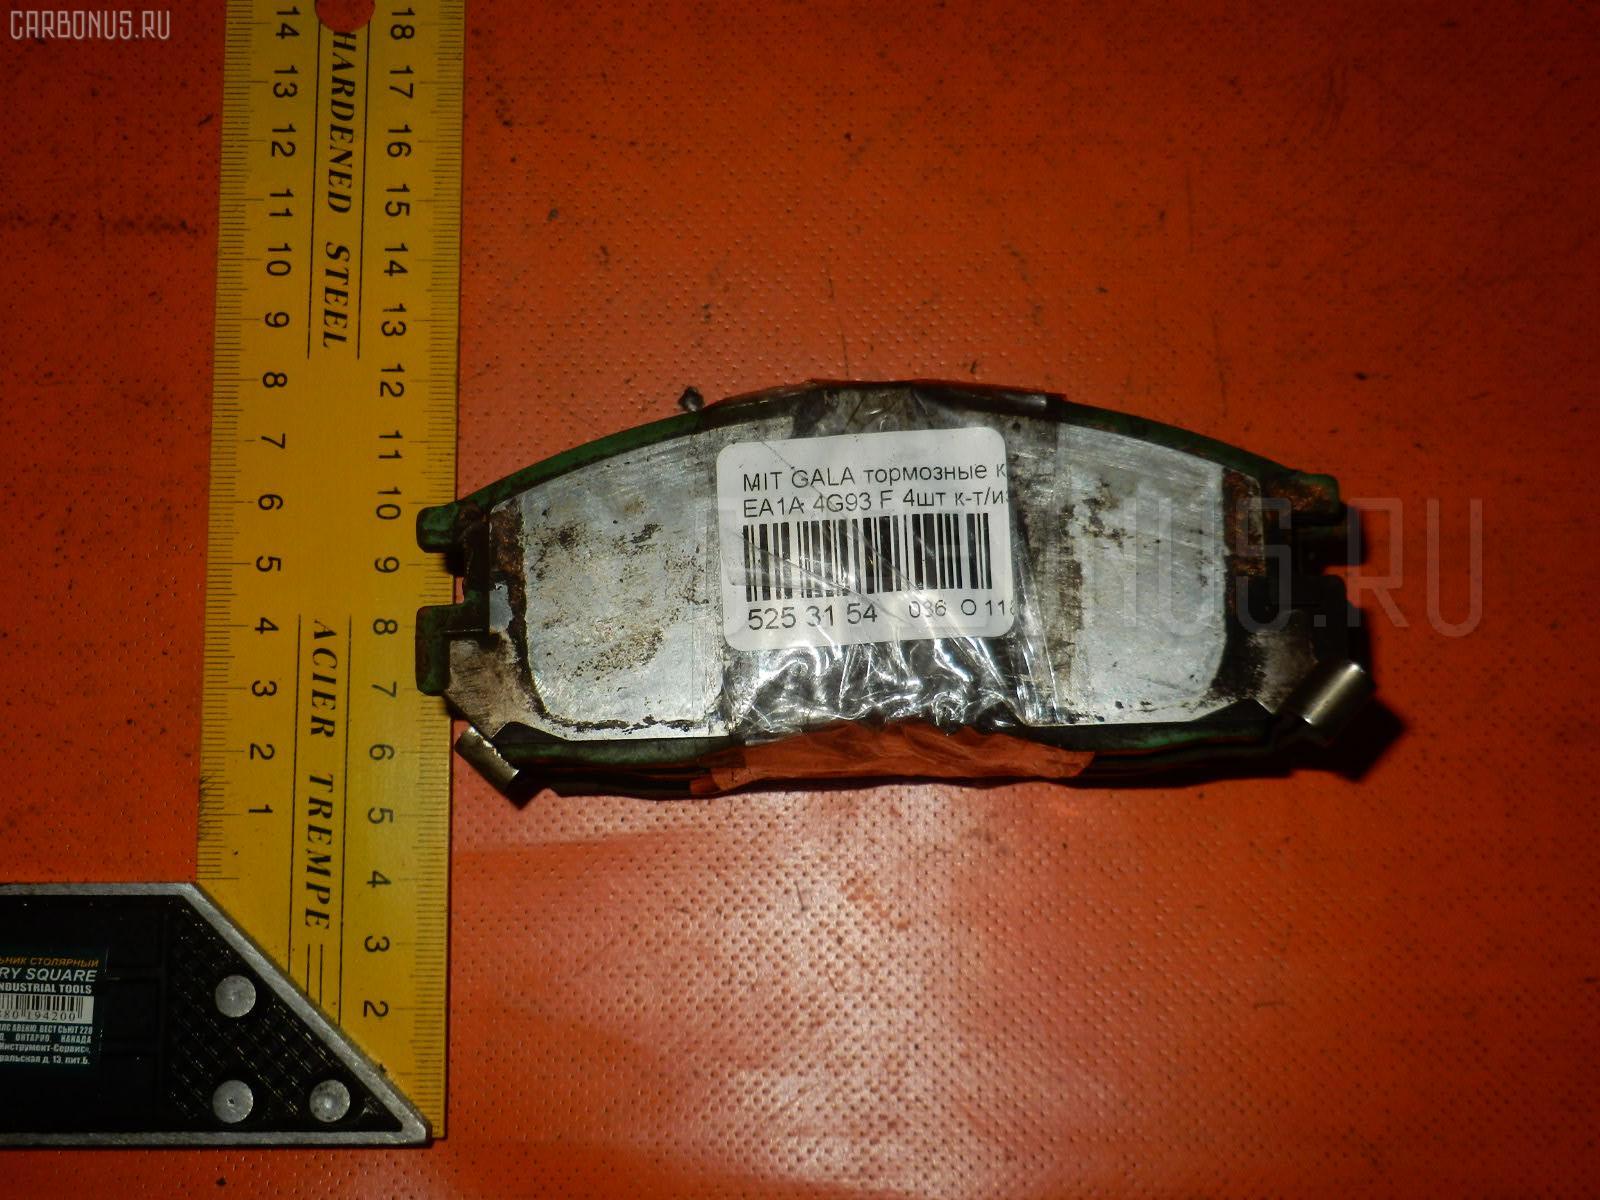 Тормозные колодки MITSUBISHI GALANT EA1A 4G93. Фото 3